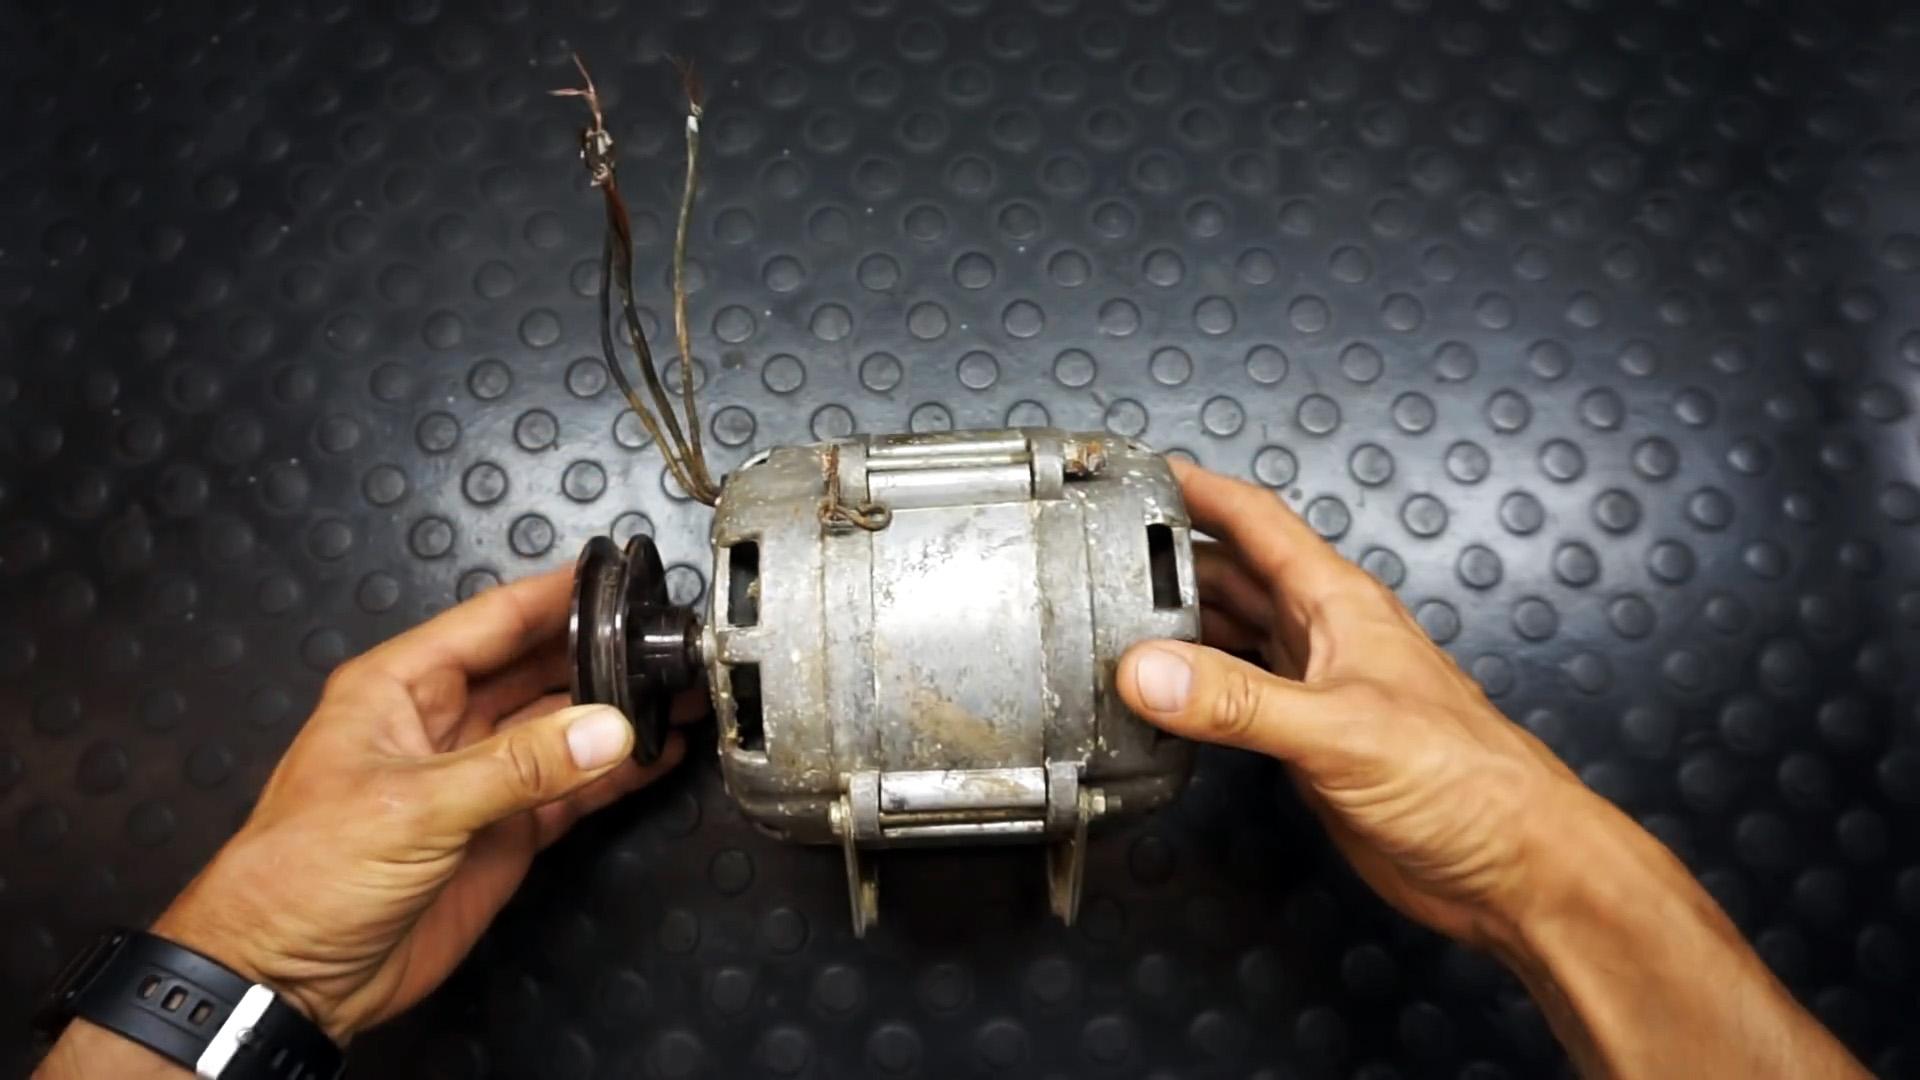 Как из двигателя стиралки собрать станок для шлифовки тормозных дисков в домашних условиях